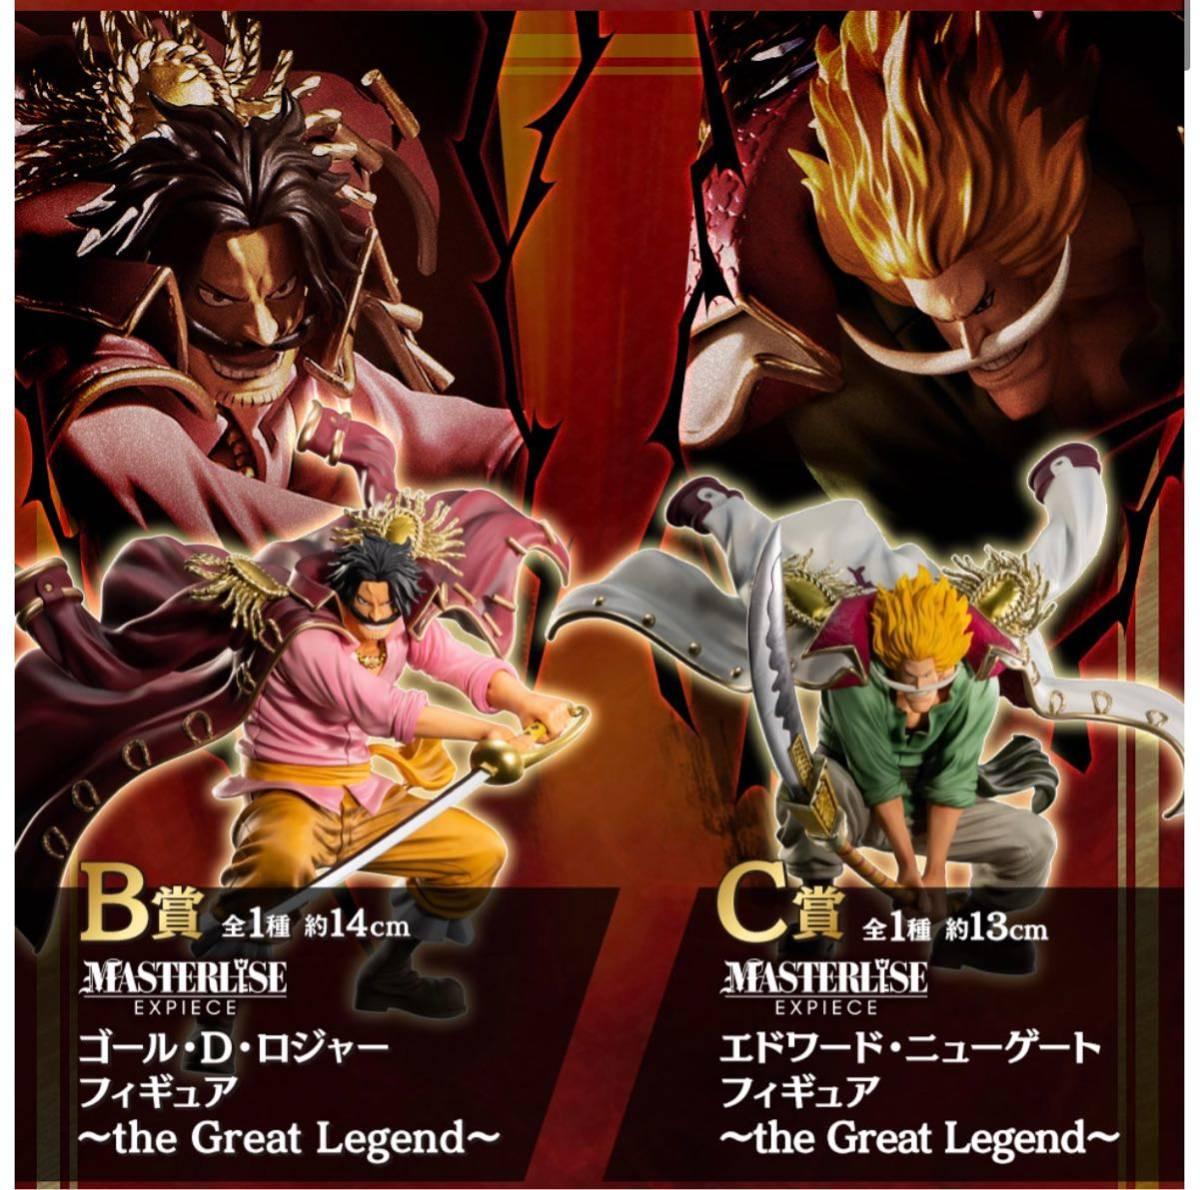 1円スタート 新品 一番くじ ワンピース Legends over Time B賞 C賞 ゴール・D・ロジャー / エドワード・ニューゲート 2個セット